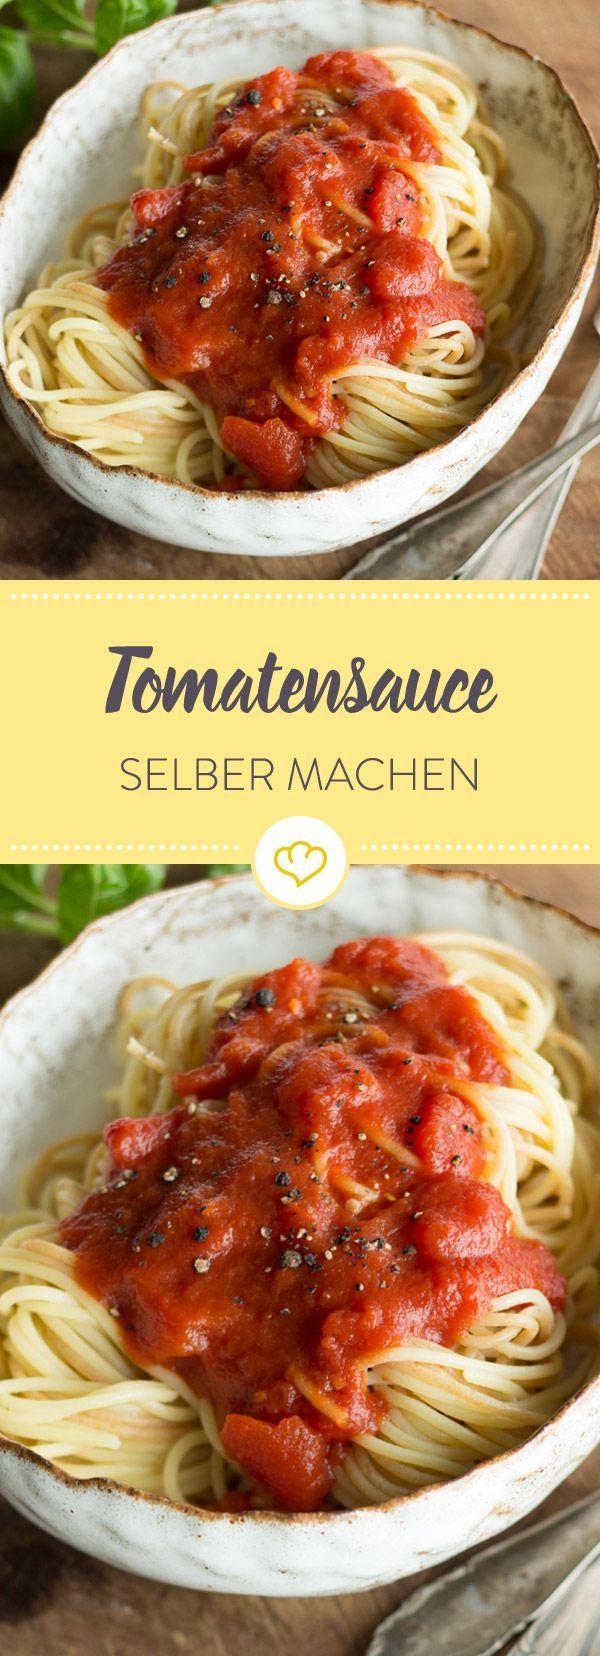 Als Basis für Pastagerichte, Aufläufe oder als Dip für frisches Brot - eine gute, aromatische Tomatensauce ist Gold wert. So geht's.